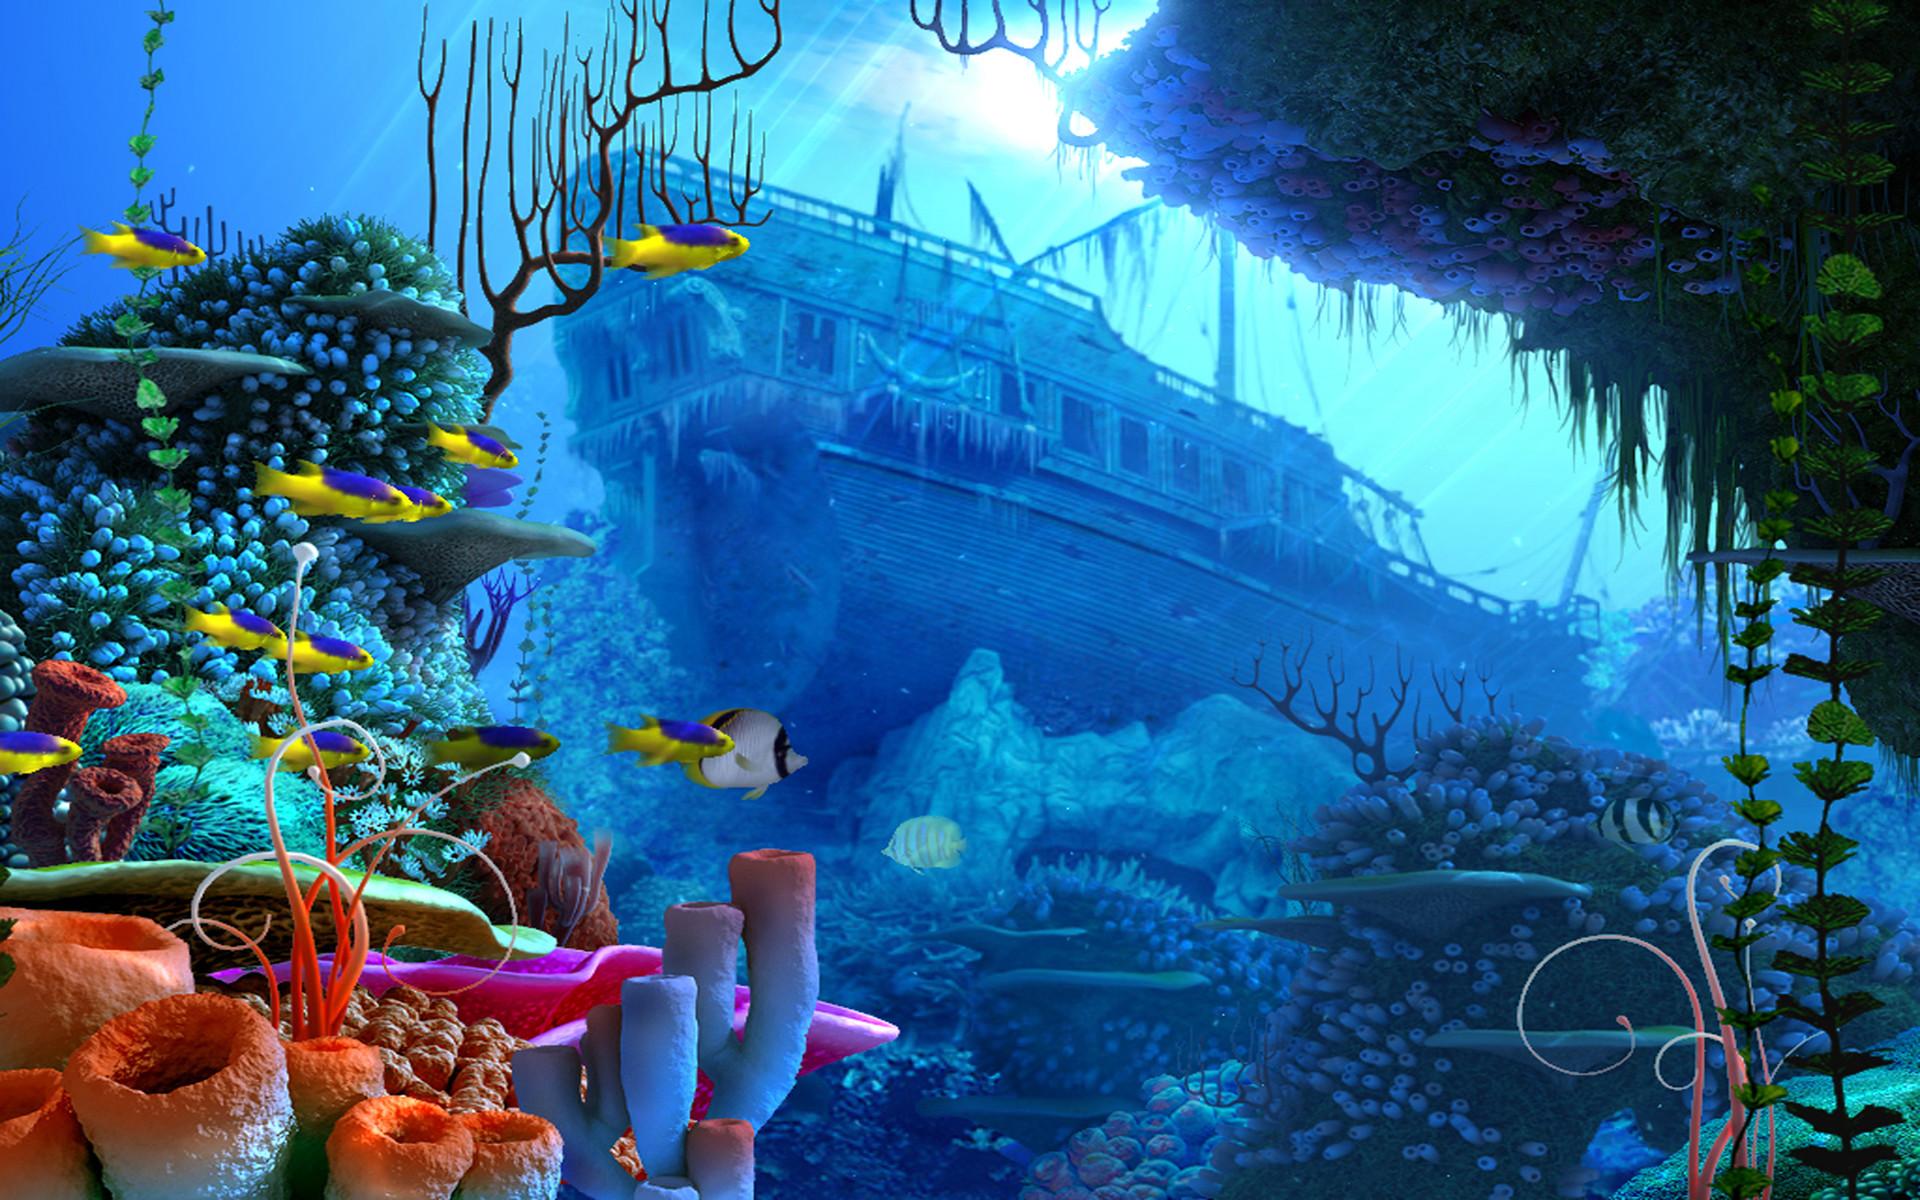 Res: 1920x1200, 0 1920x1080 872 hd ocean wallpaper  Beautiful Ocean Pictures